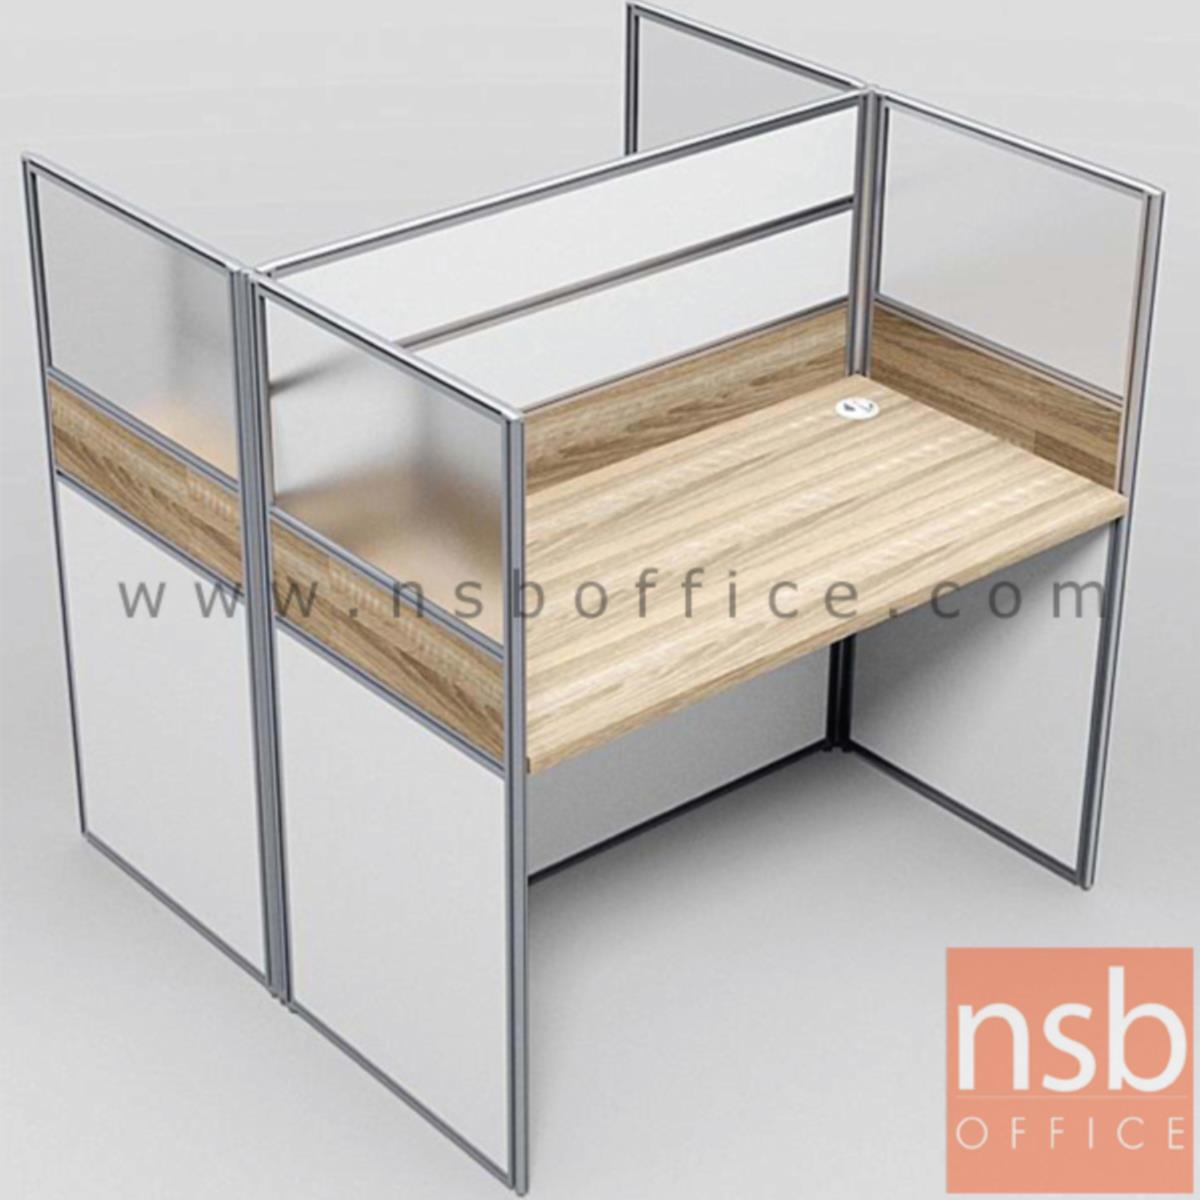 ชุดโต๊ะทำงานกลุ่มหน้าตรง 2 ที่นั่ง  รุ่น Barcadi 9 (บาร์คาดี้ 9) ขนาดรวม 124W1 ,154W1*122W2 cm. มีและไม่มีตู้แขวนเอกสาร